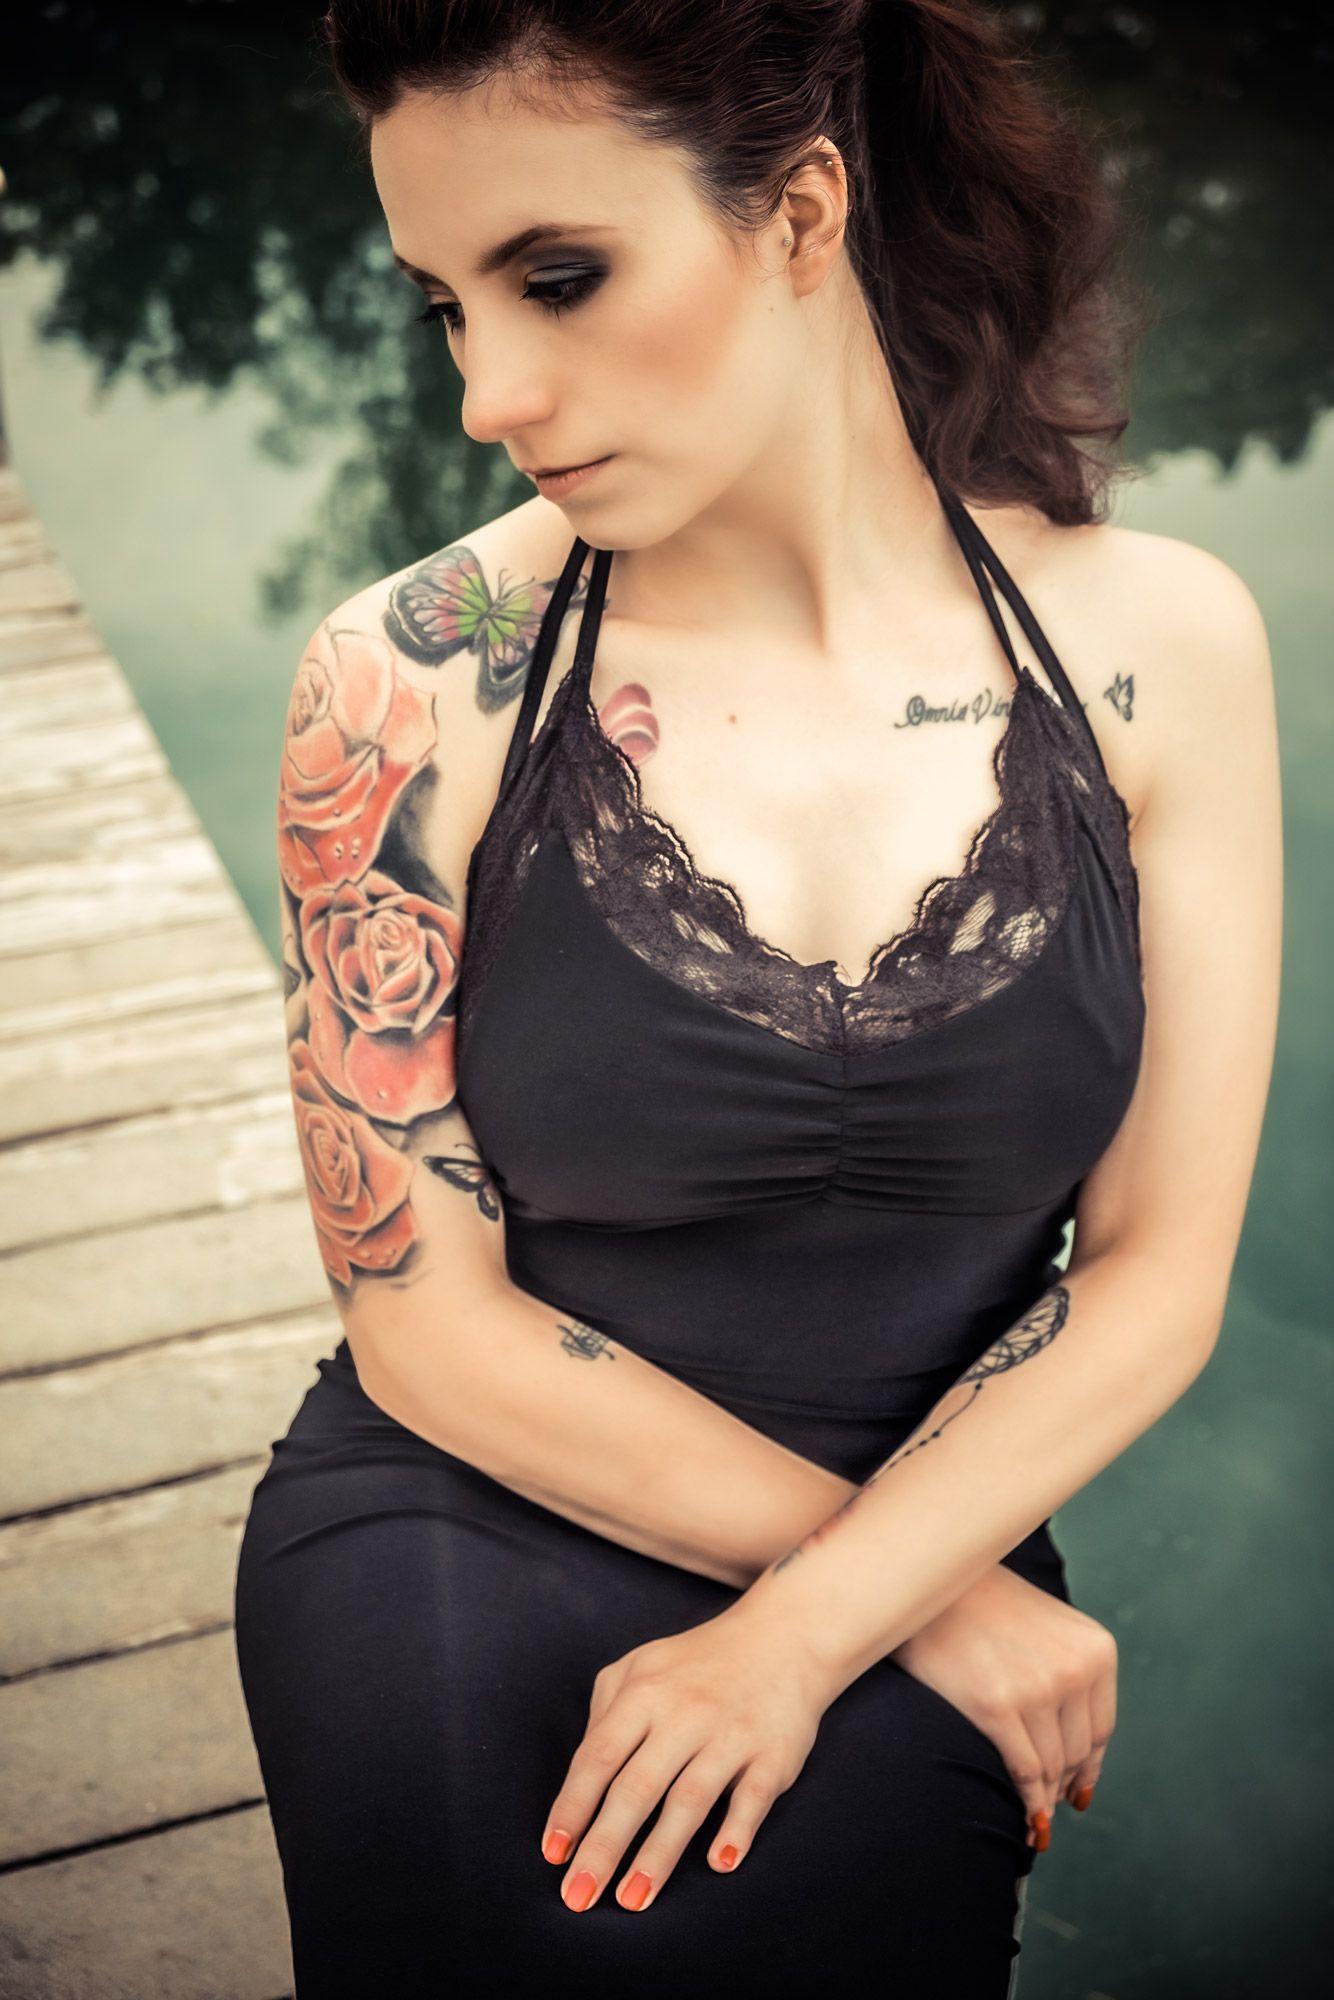 Little black dress photo rsworks photography muha anastasiaus